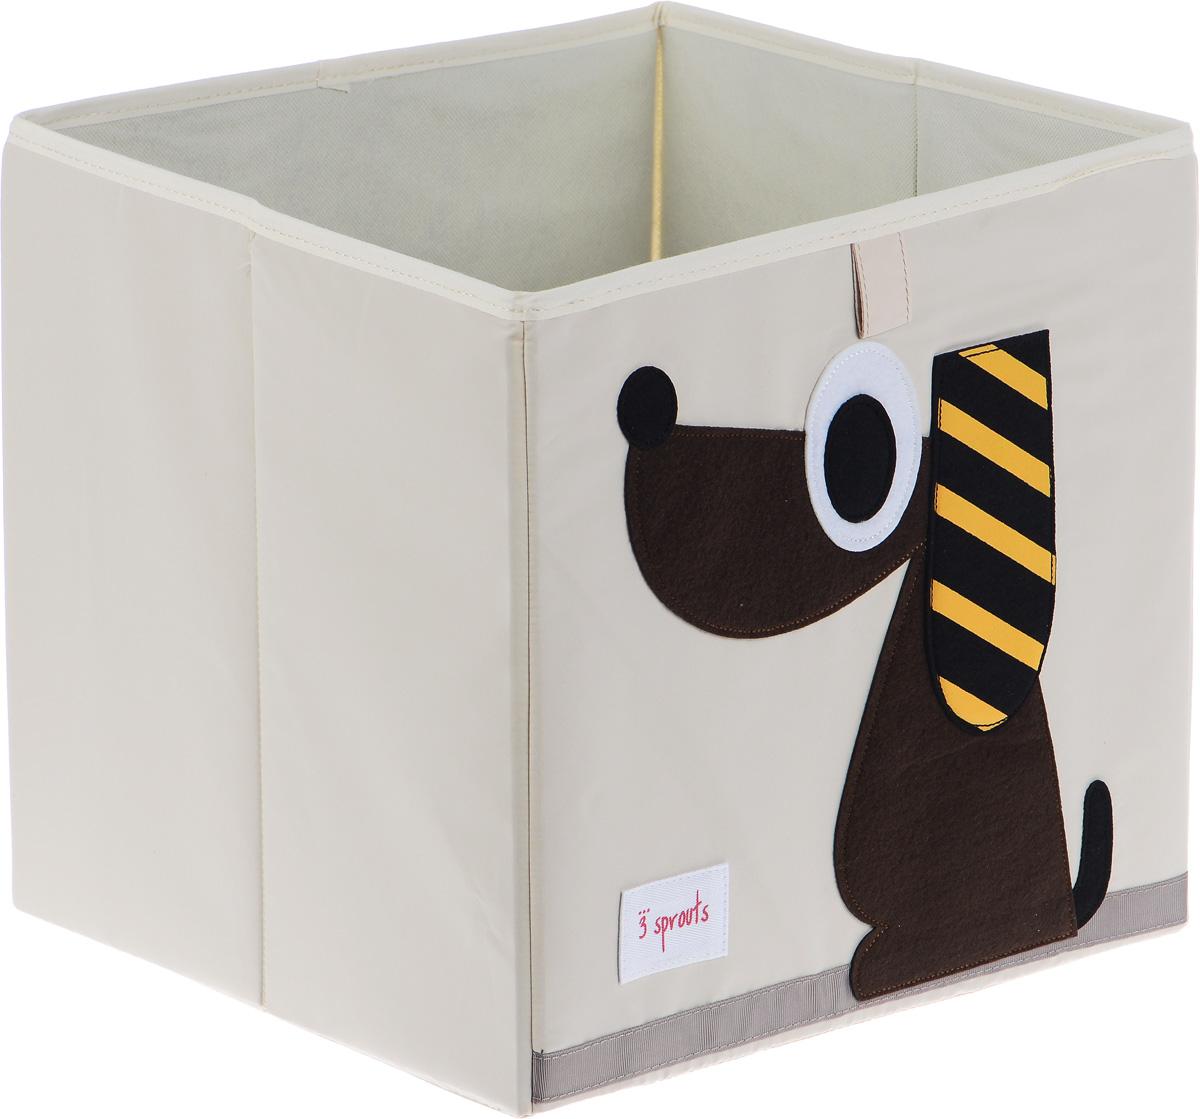 3 Sprouts Коробка для хранения Собачка1092019Коробка для хранения 3 Sprouts Собачка - это отличный вариант организации пространства любой комнаты.Стороны коробки усилены с помощью картона, поэтому она всегда стоит ровно. Помещается практически во все стеллажи с квадратными отсеками и добавляет озорства любой комнате. Стоит ли коробка отдельно или на полке стеллажа, она обеспечит прекрасную организацию в вашем доме.Не содержит фталаты. Уход: снаружи - только выведение пятен.